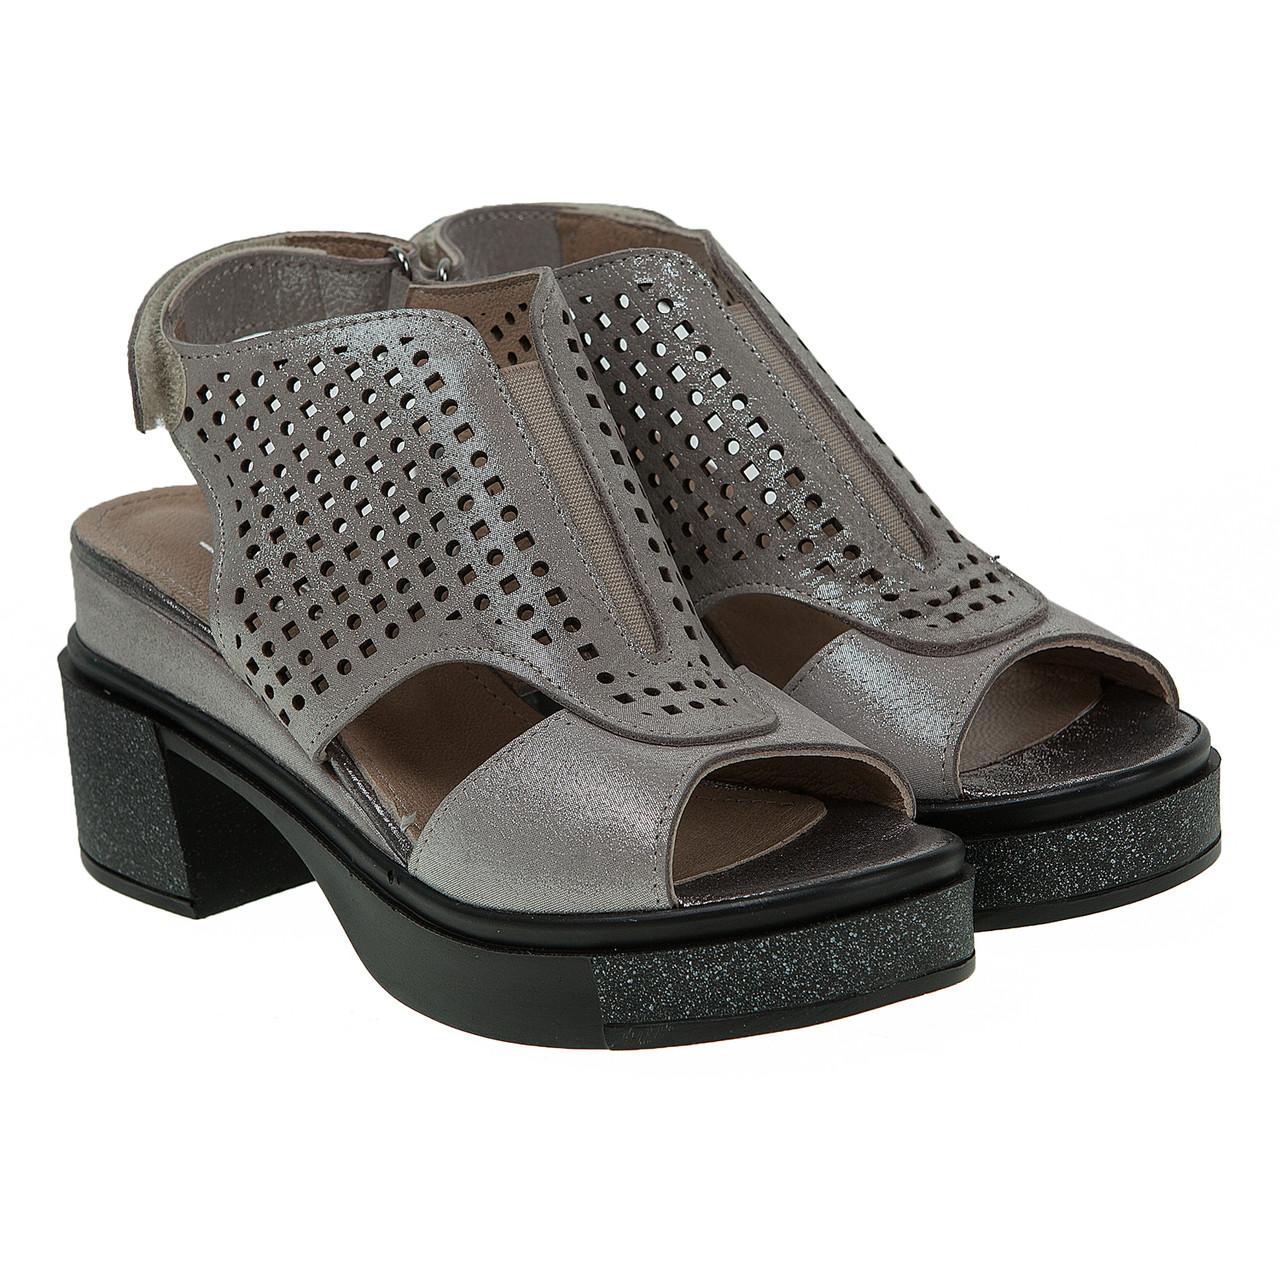 aad7e8741 Купить Босоножки женские Pera Donna(кожаные, стильные, на удобном ...